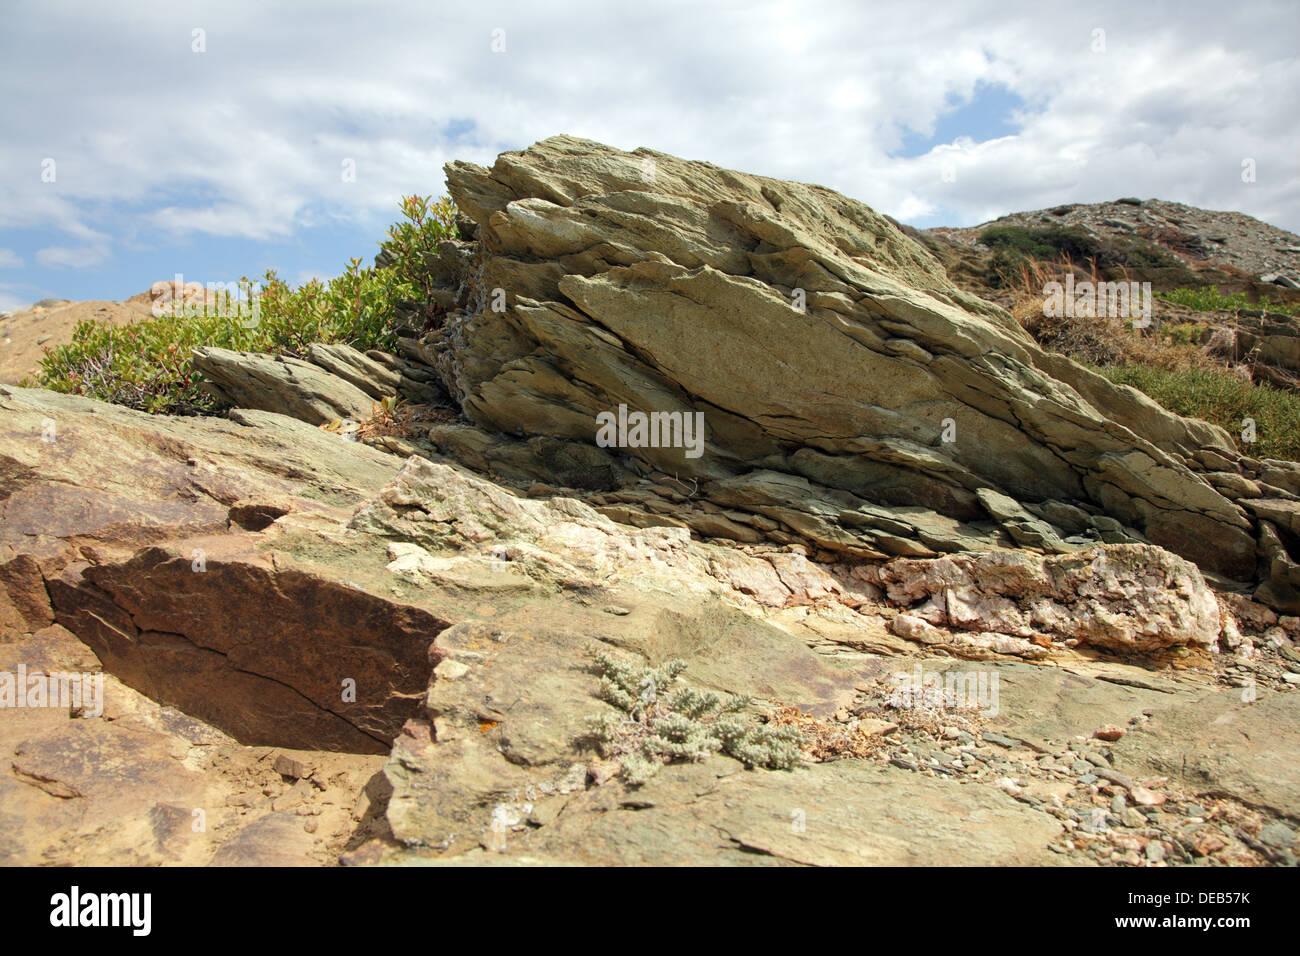 Rocks close-up sur une île de Crète, Grèce Photo Stock